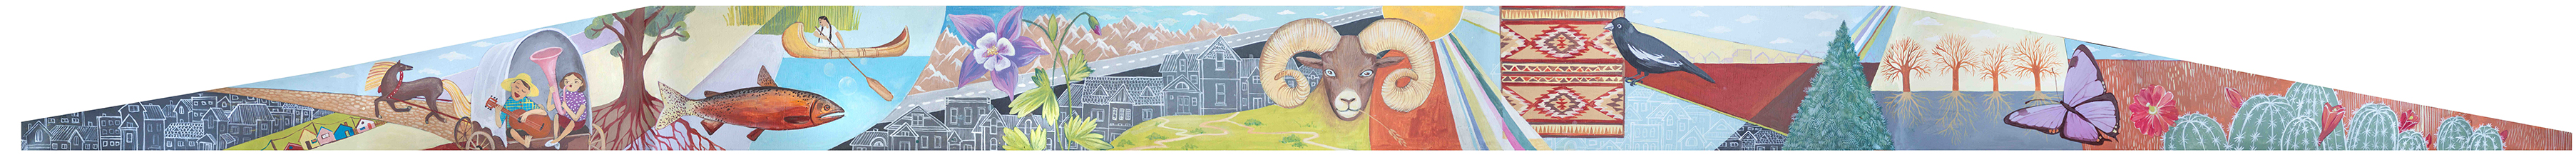 Mural in Denver, W Alameda and Santa Fe dr, Mural concept by Yulia Avgustinovich